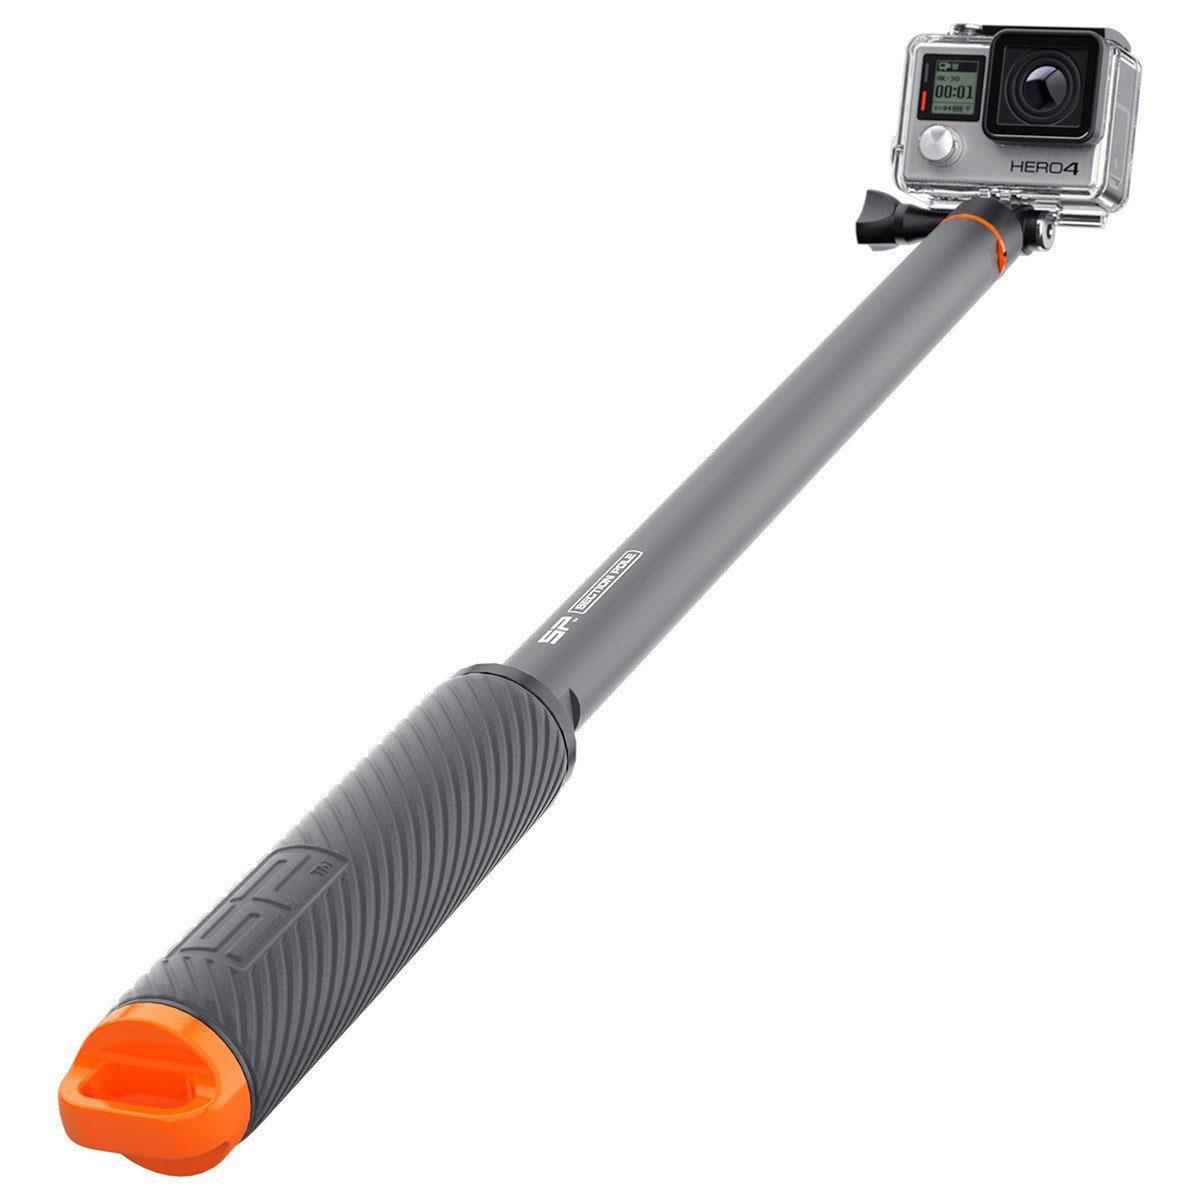 SP-Gadgets Section Pole, Black монопод для экшн-камеры53110SP-Gadgets Section Pole - это первый модульный нетонущий комплект, позволяющий делать ручку именно той длины, которая вам нужна и комбинировать с другими креплениями серии SP Gadgets.